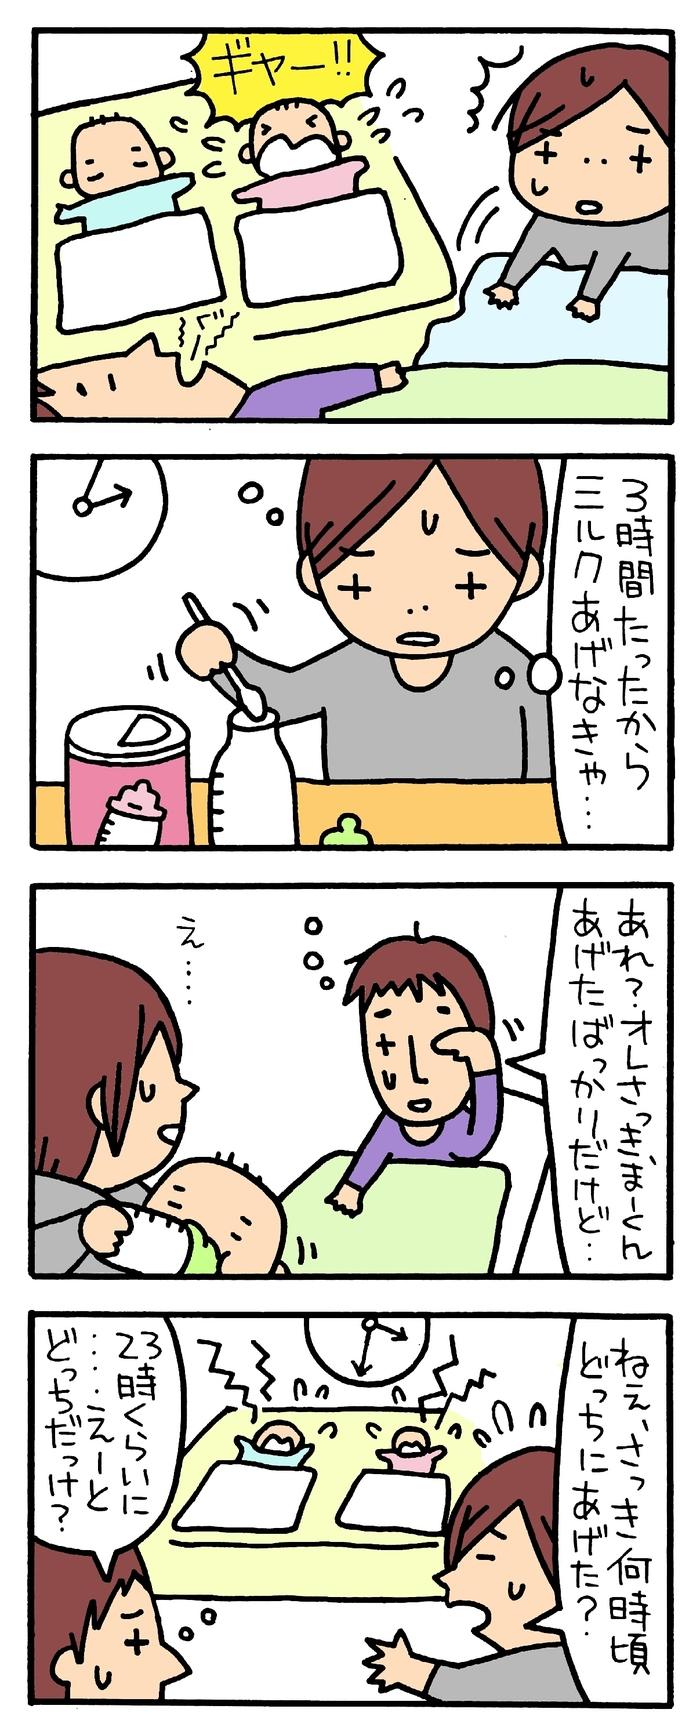 あれ、さっきミルクあげたのはどっちだっけ?双子の授乳は、コレ1つでスムーズになる!の画像1